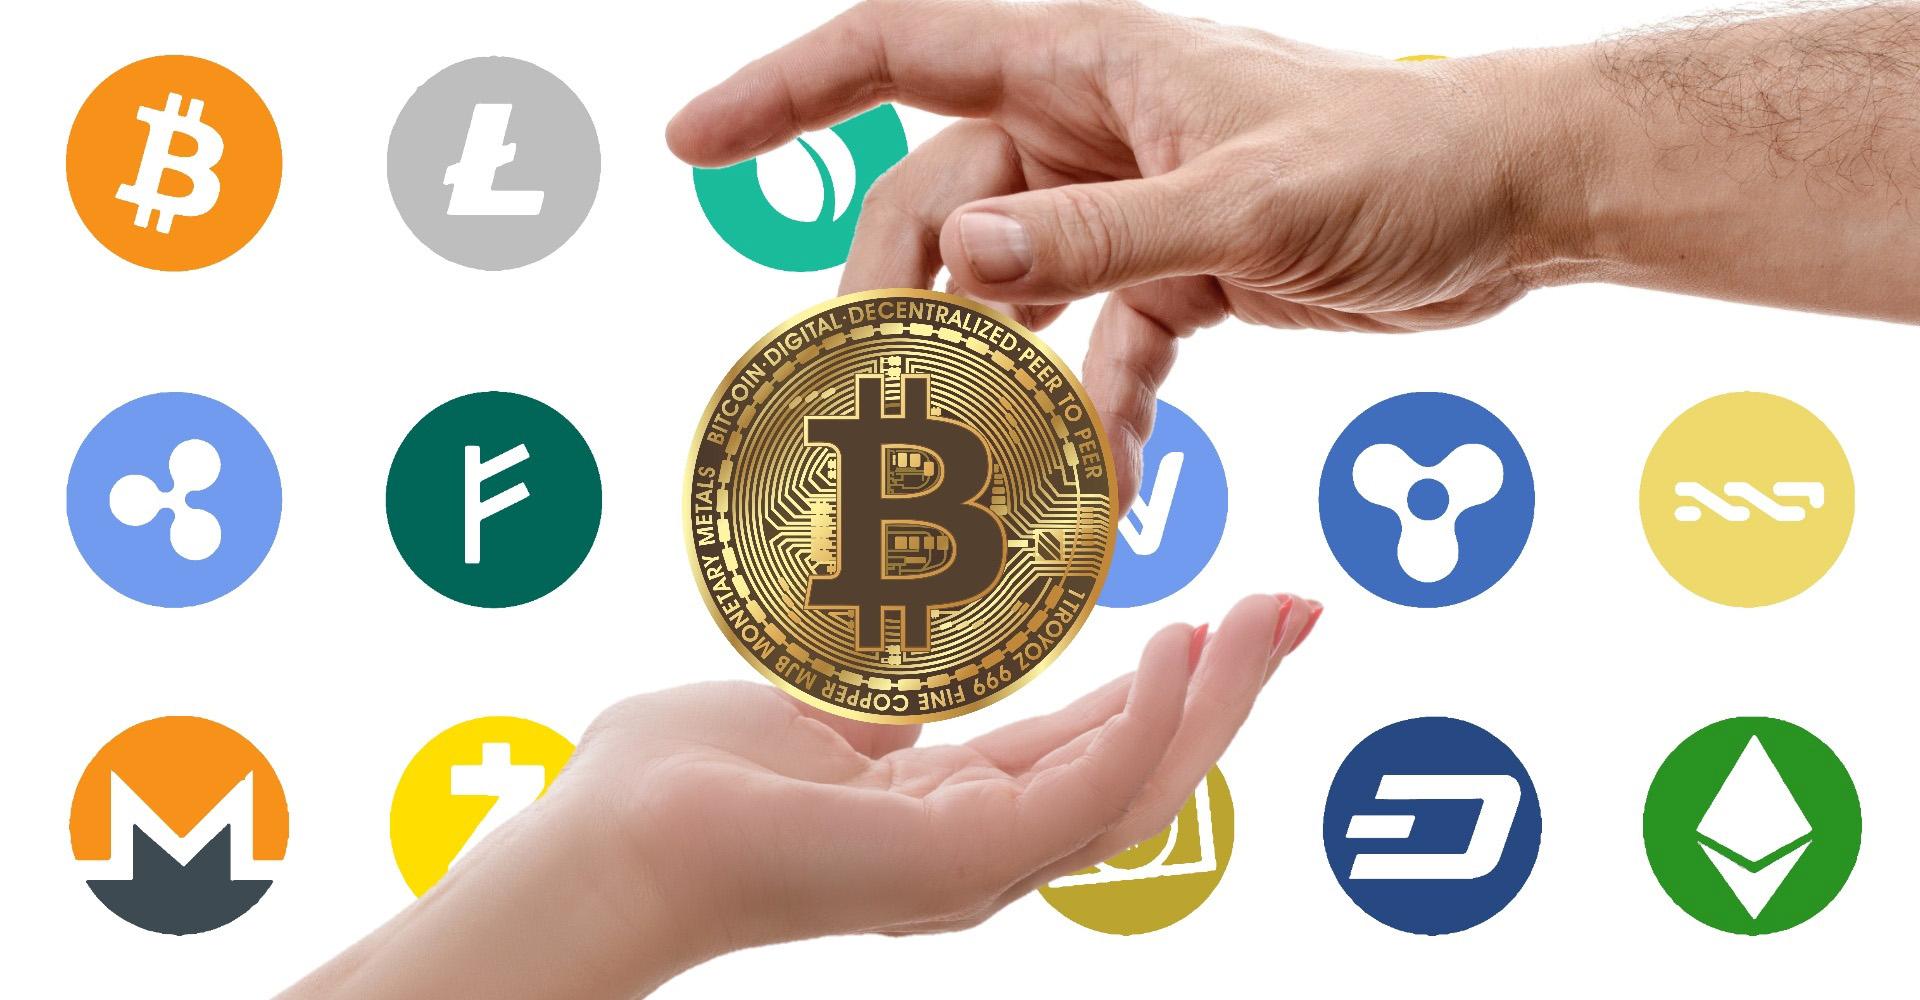 tvrtke koje ulažu iza kriptovaluta bitcoin backdoor investicija